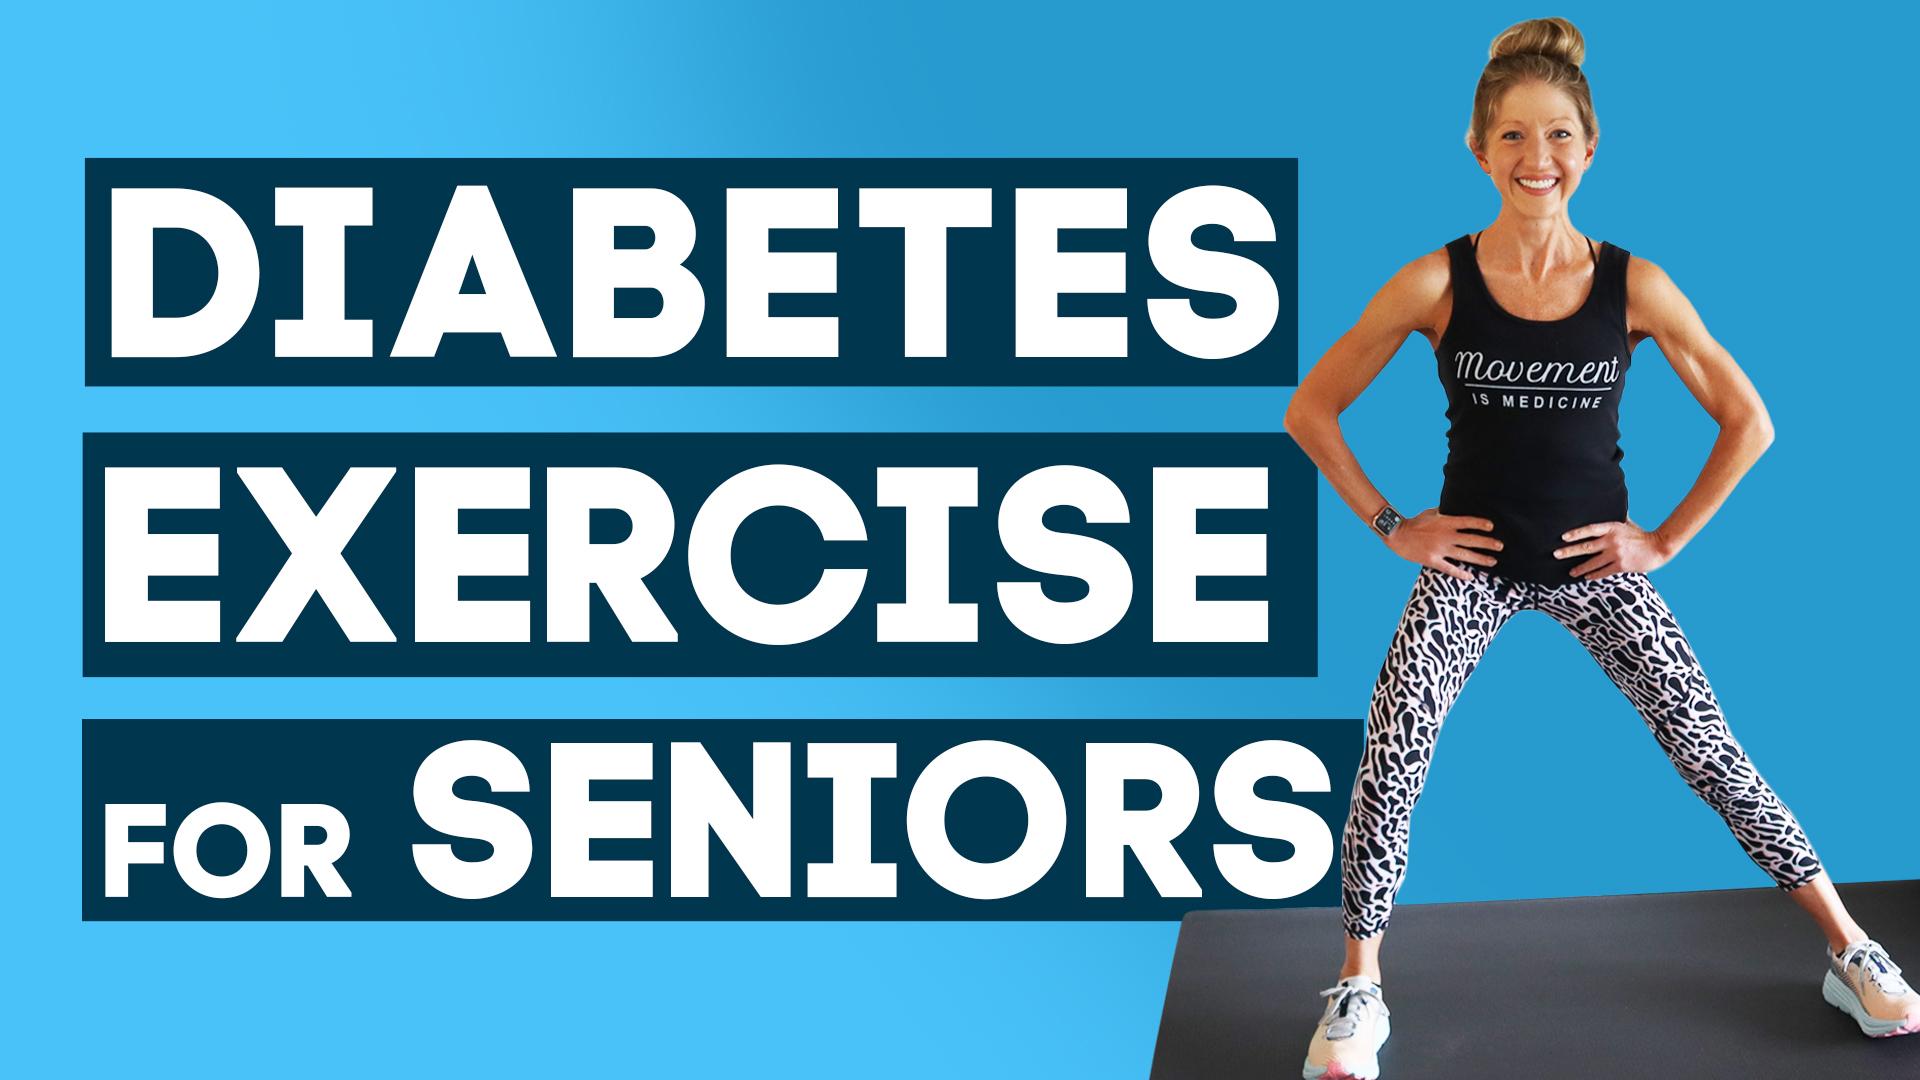 diabetes exercise for seniors